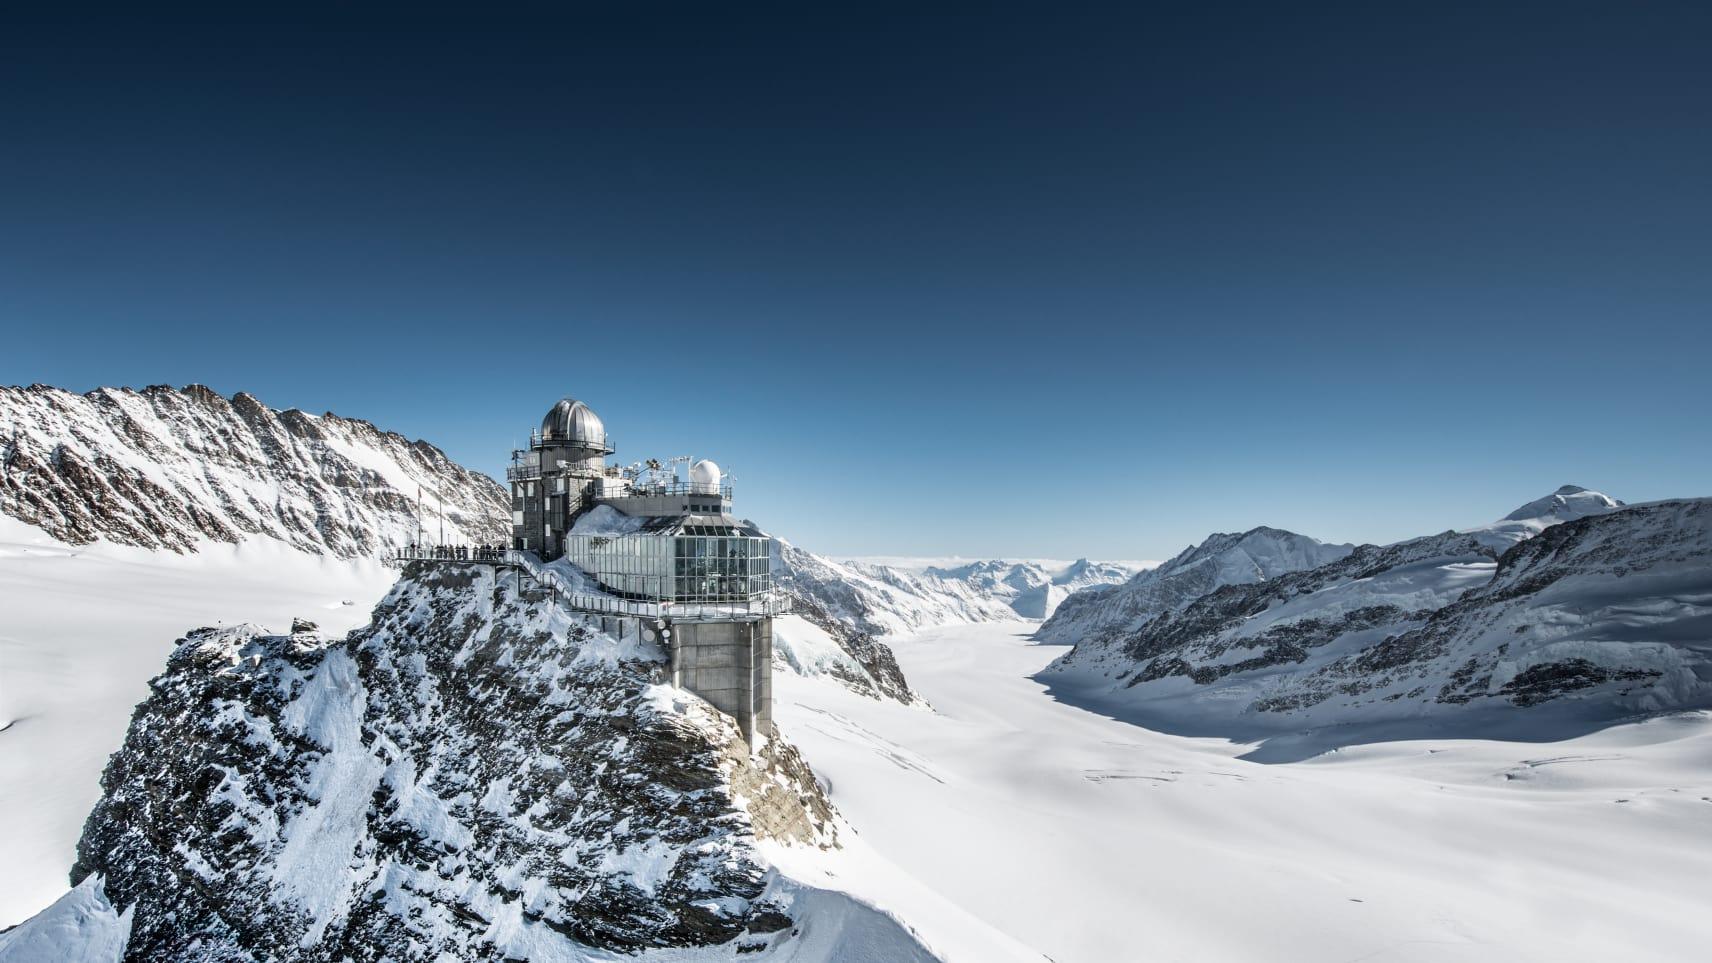 Jungfraujoch Aletschgletscher Sphinx Plattform